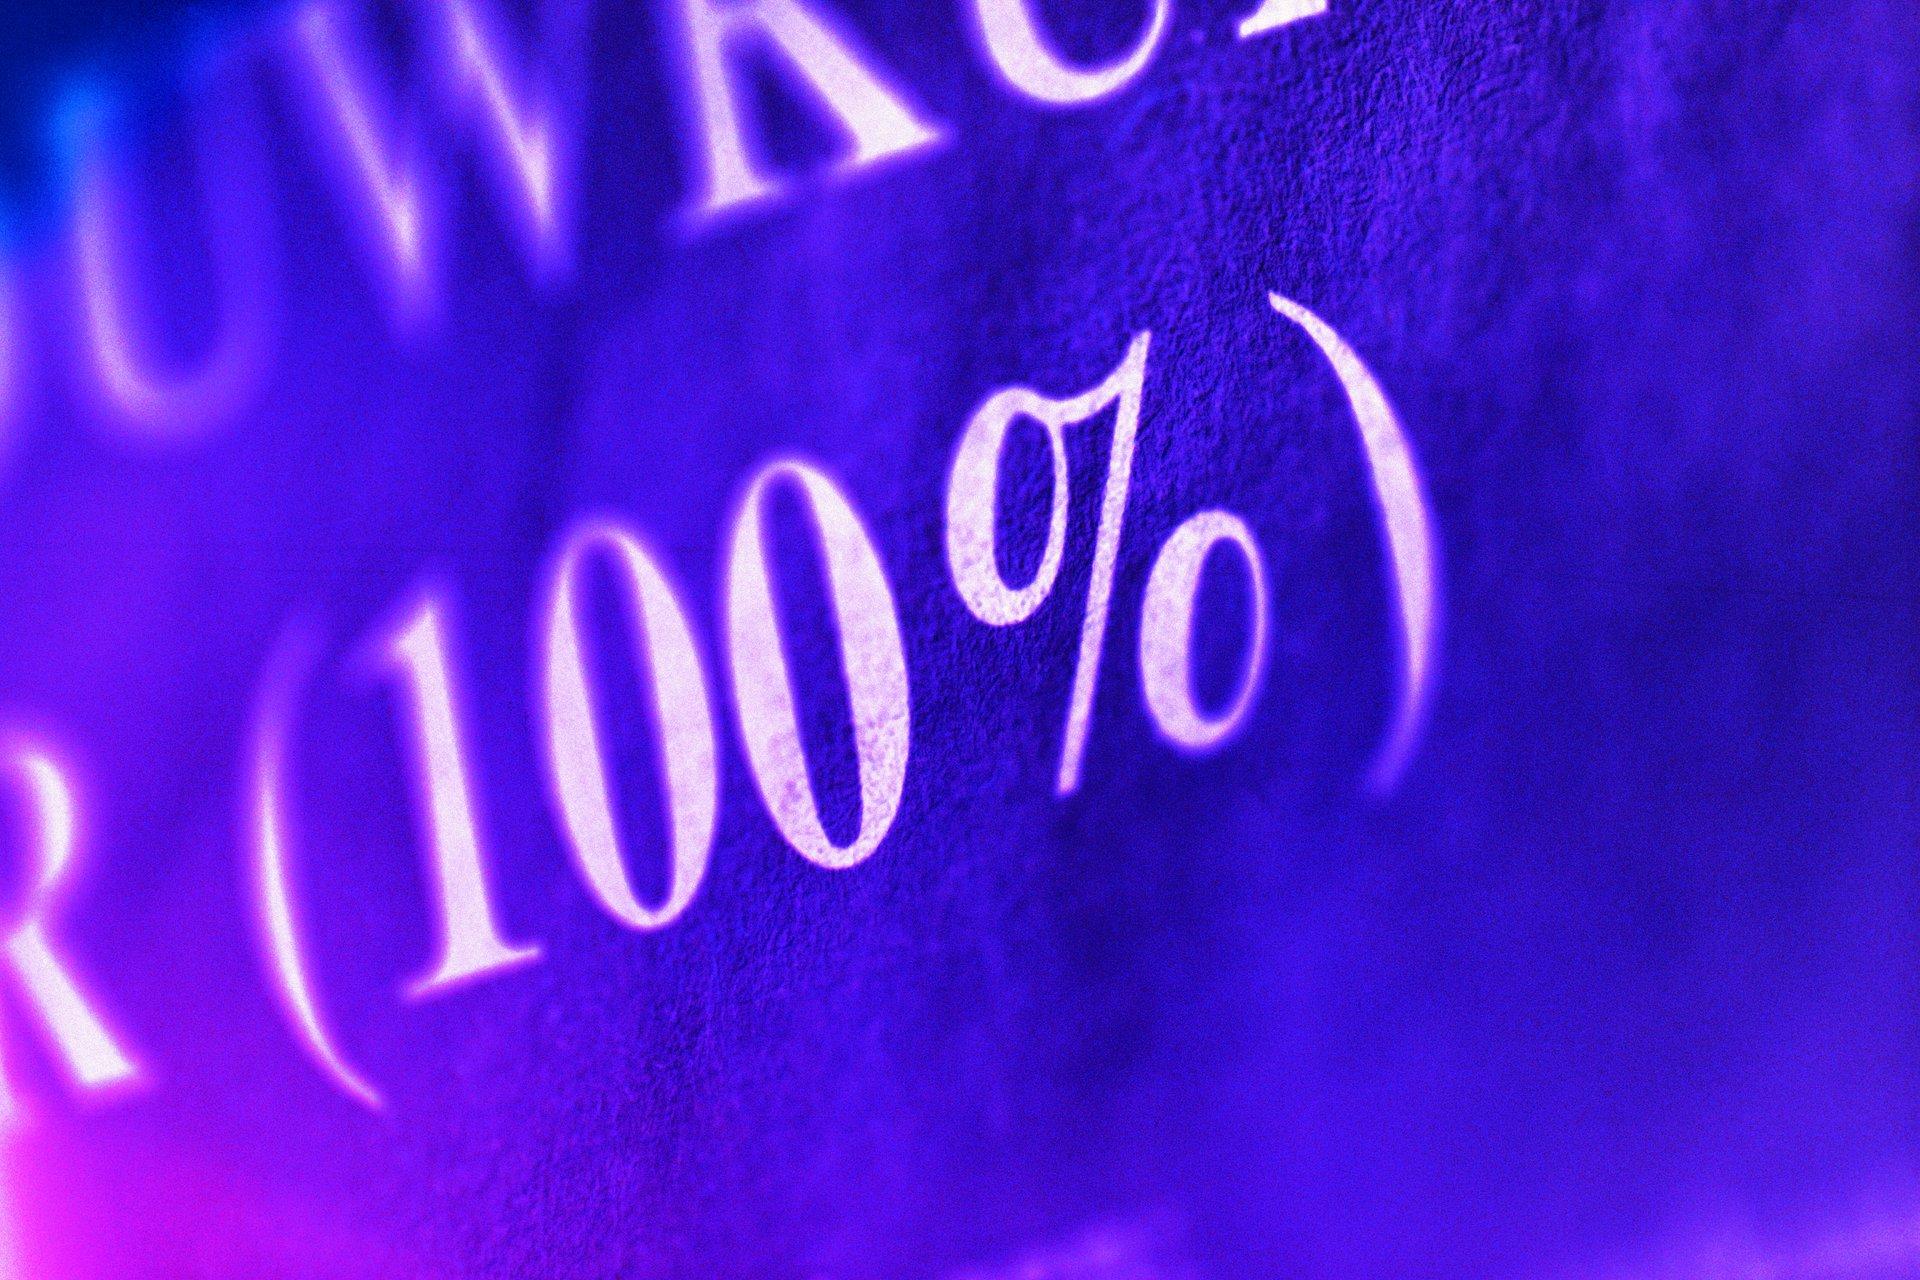 Agencja Standard & Poor's podtrzymała wysoką ocenę ratingową PKO Banku Polskiego